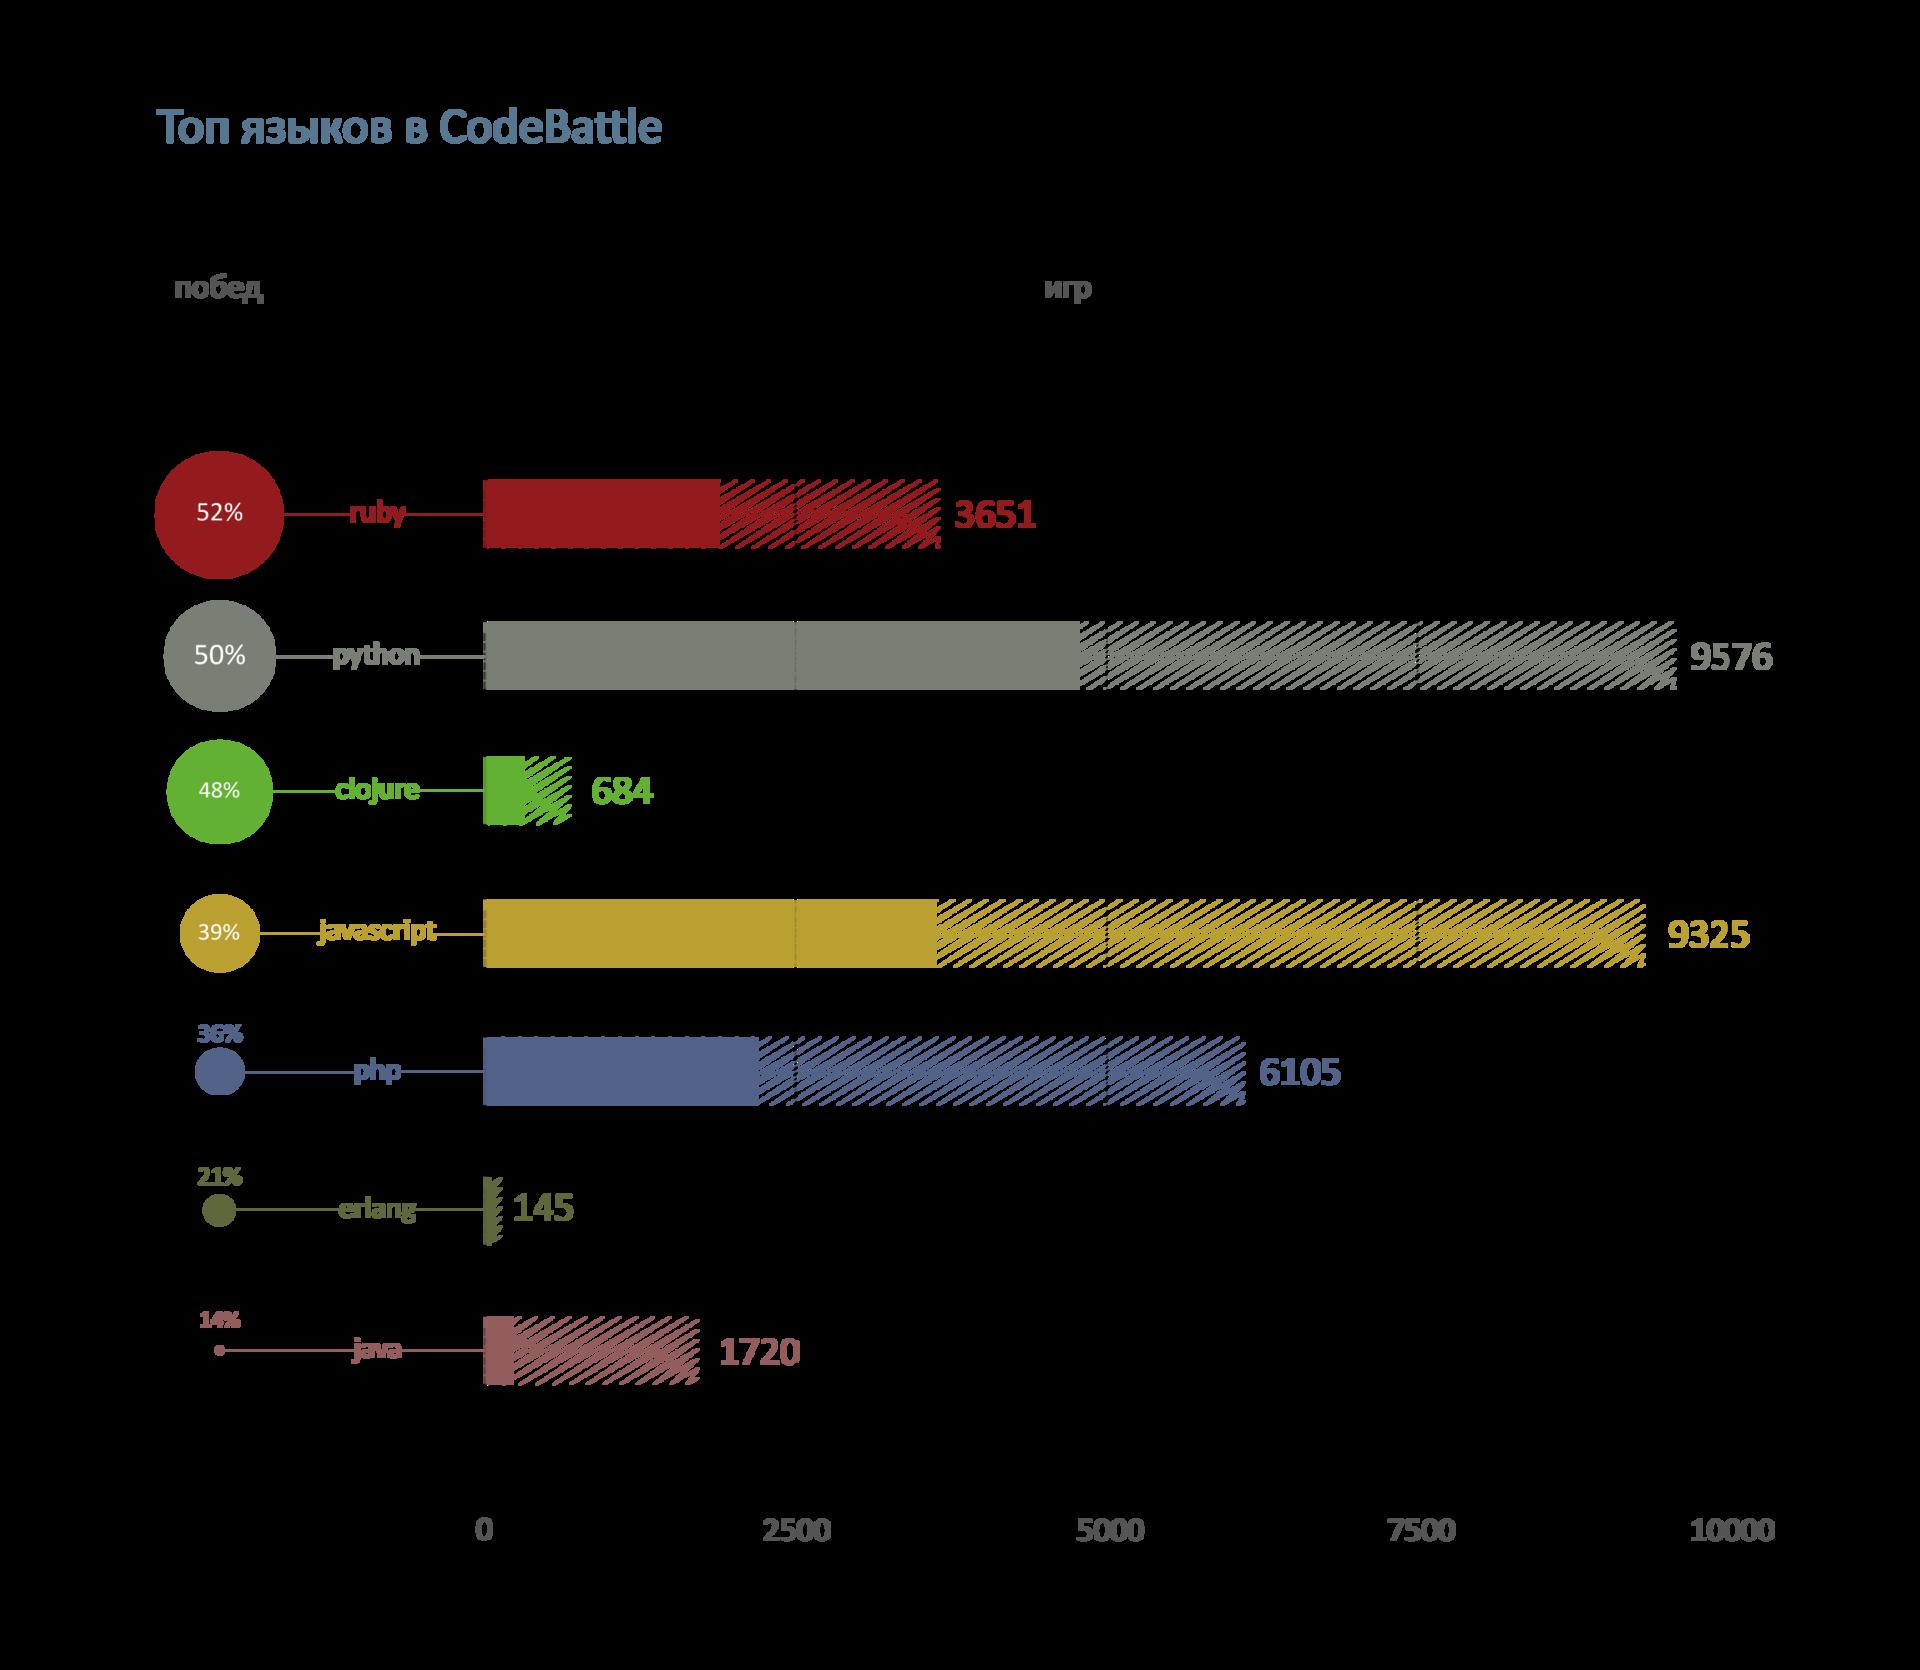 Какие страны и языки программирования чаще побеждают в игре для программистов CodeBattle? - 1